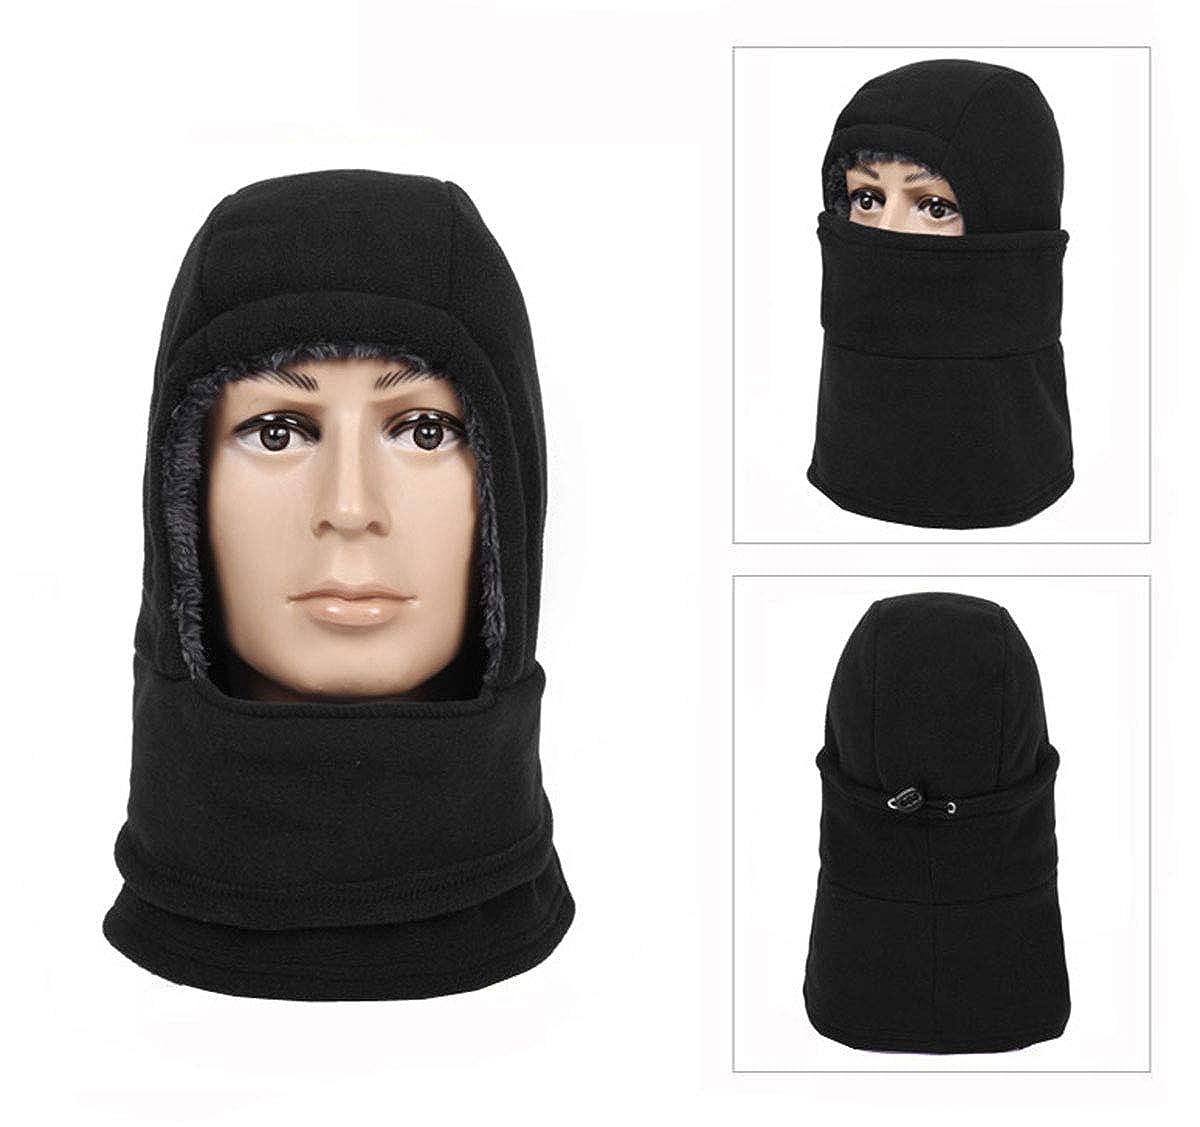 Letusport Womens Thick Hooded Face Mask Fleece Balaclava Neck Warmer Gaiter Headgear